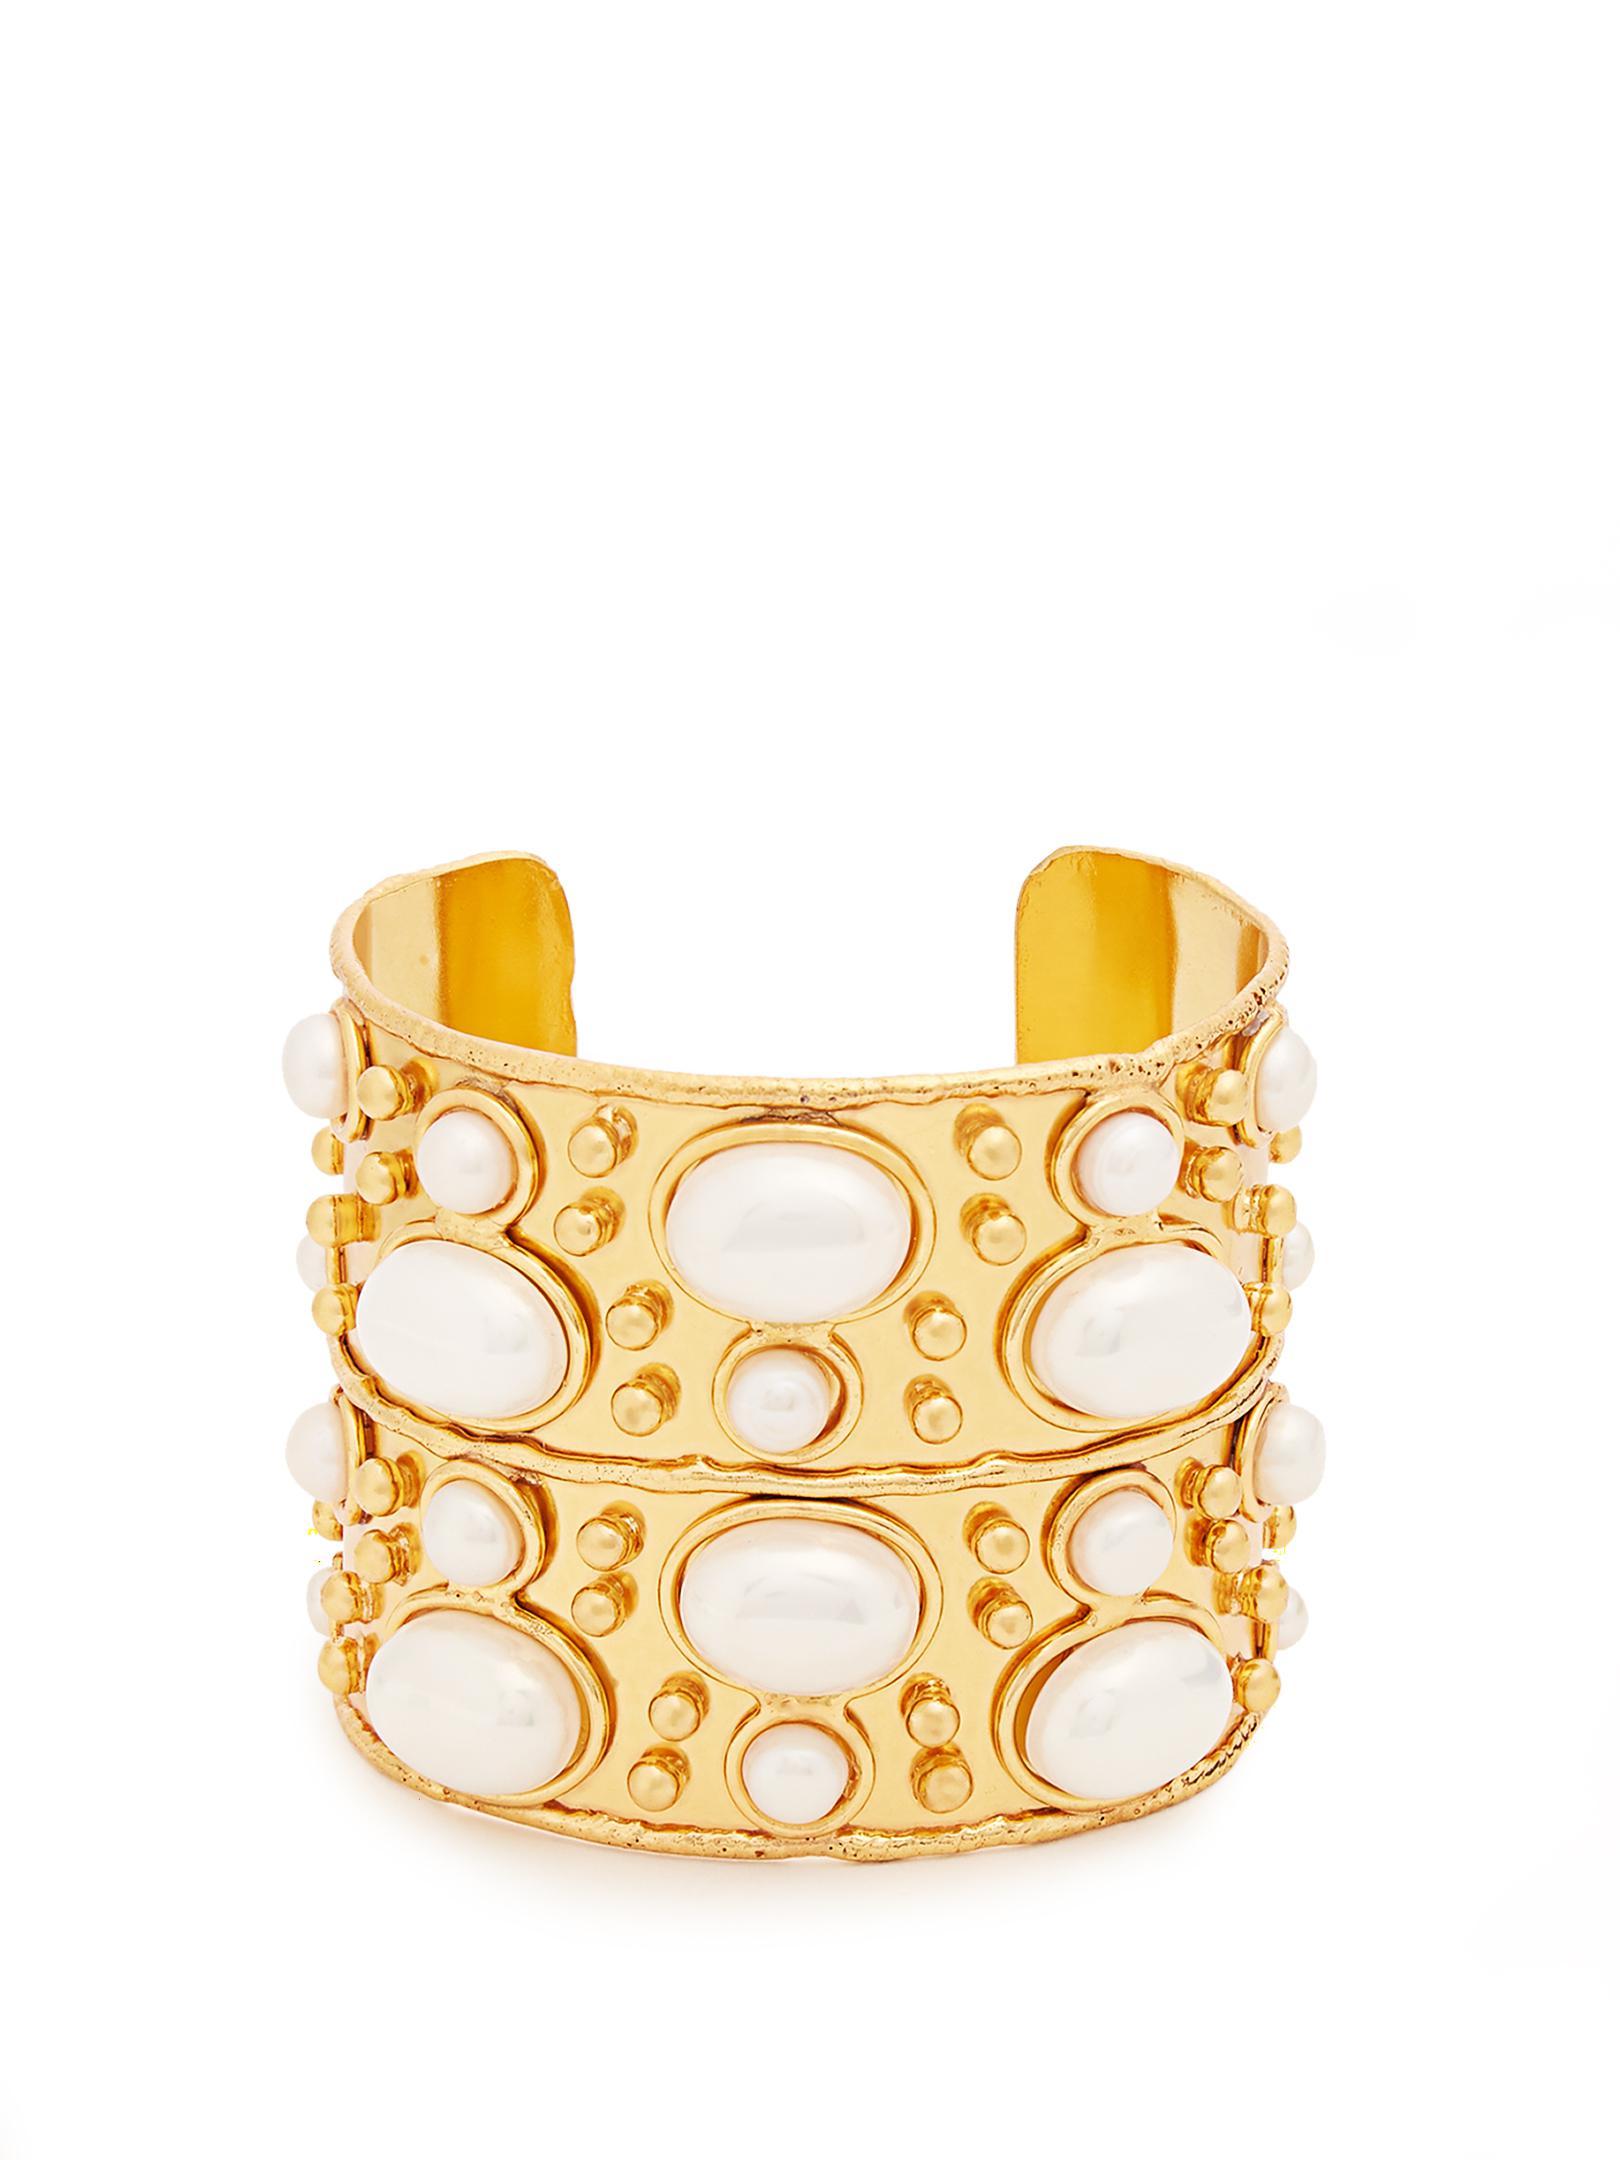 Sylvia Toledano Byzantine Cuff Bracelet in Gold-Plated Brass UPYj4O